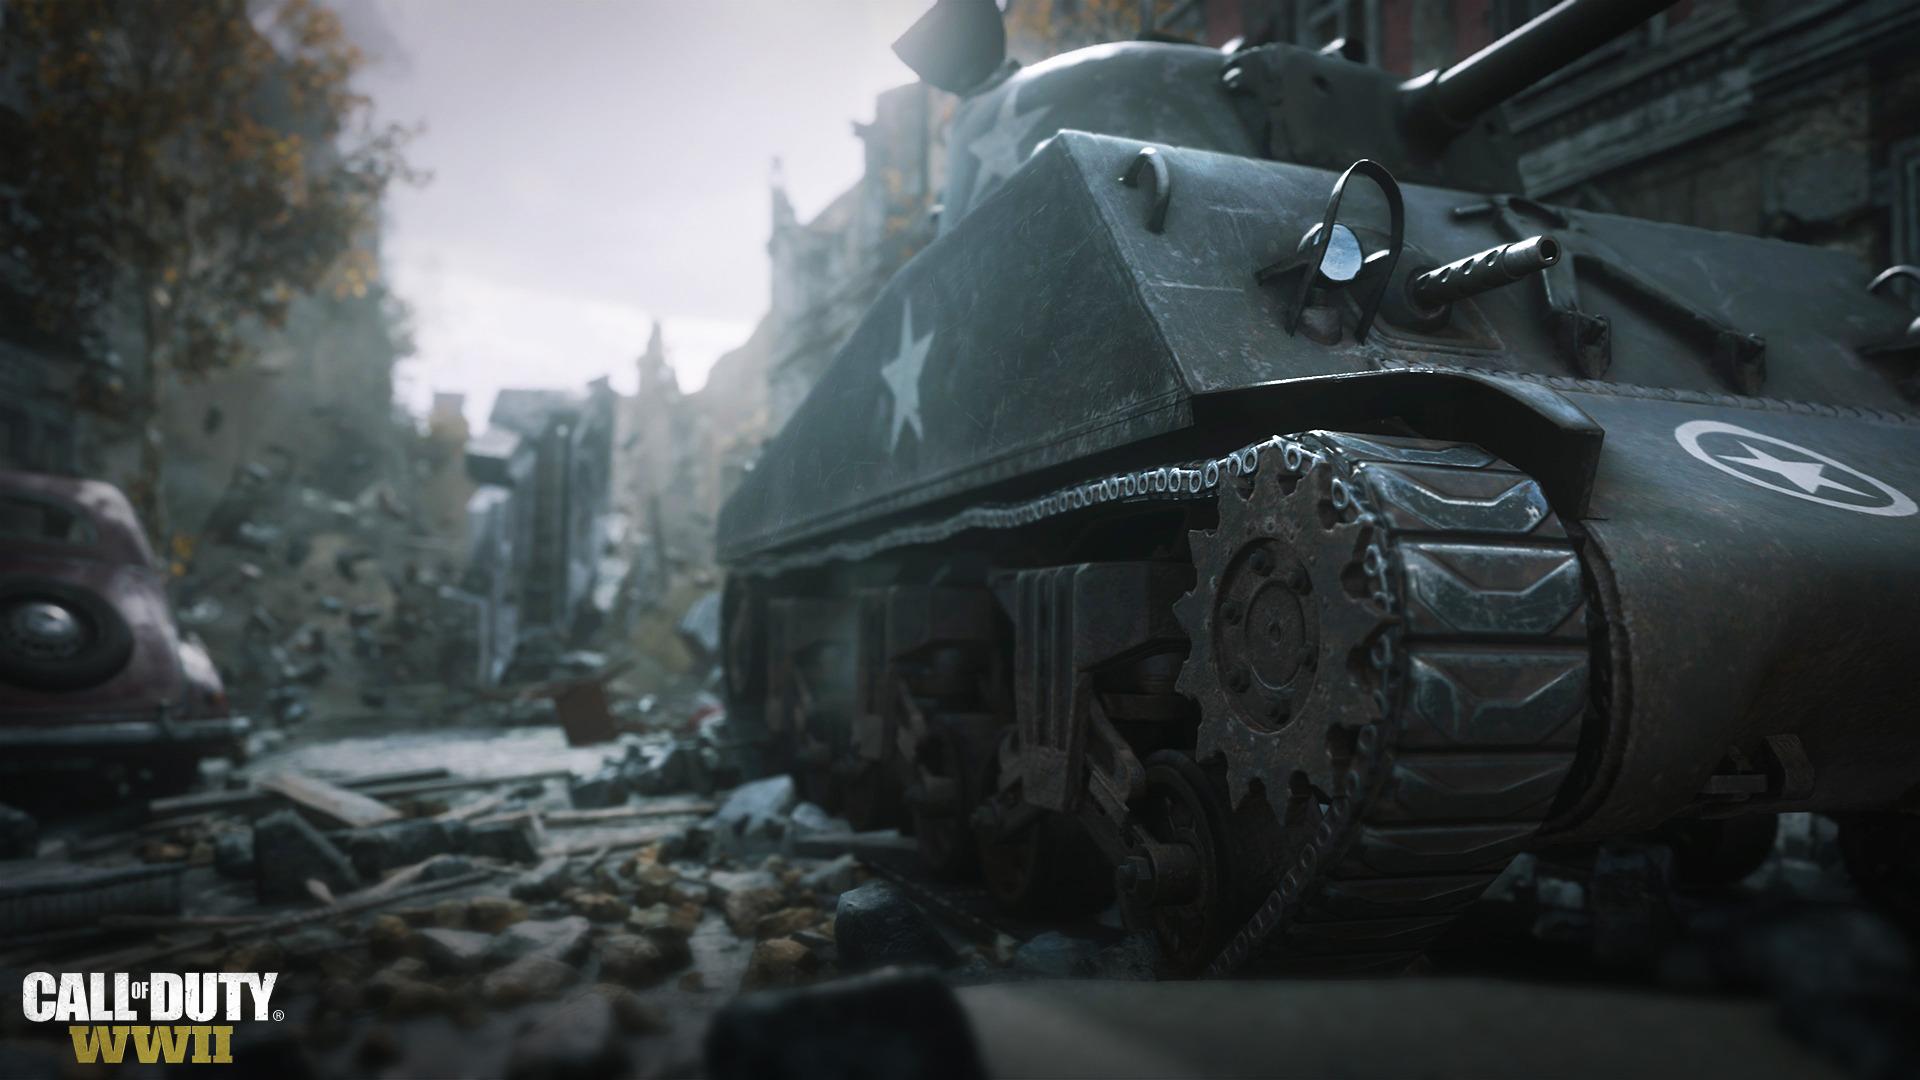 Call-of-Duty-WW2-6.jpg